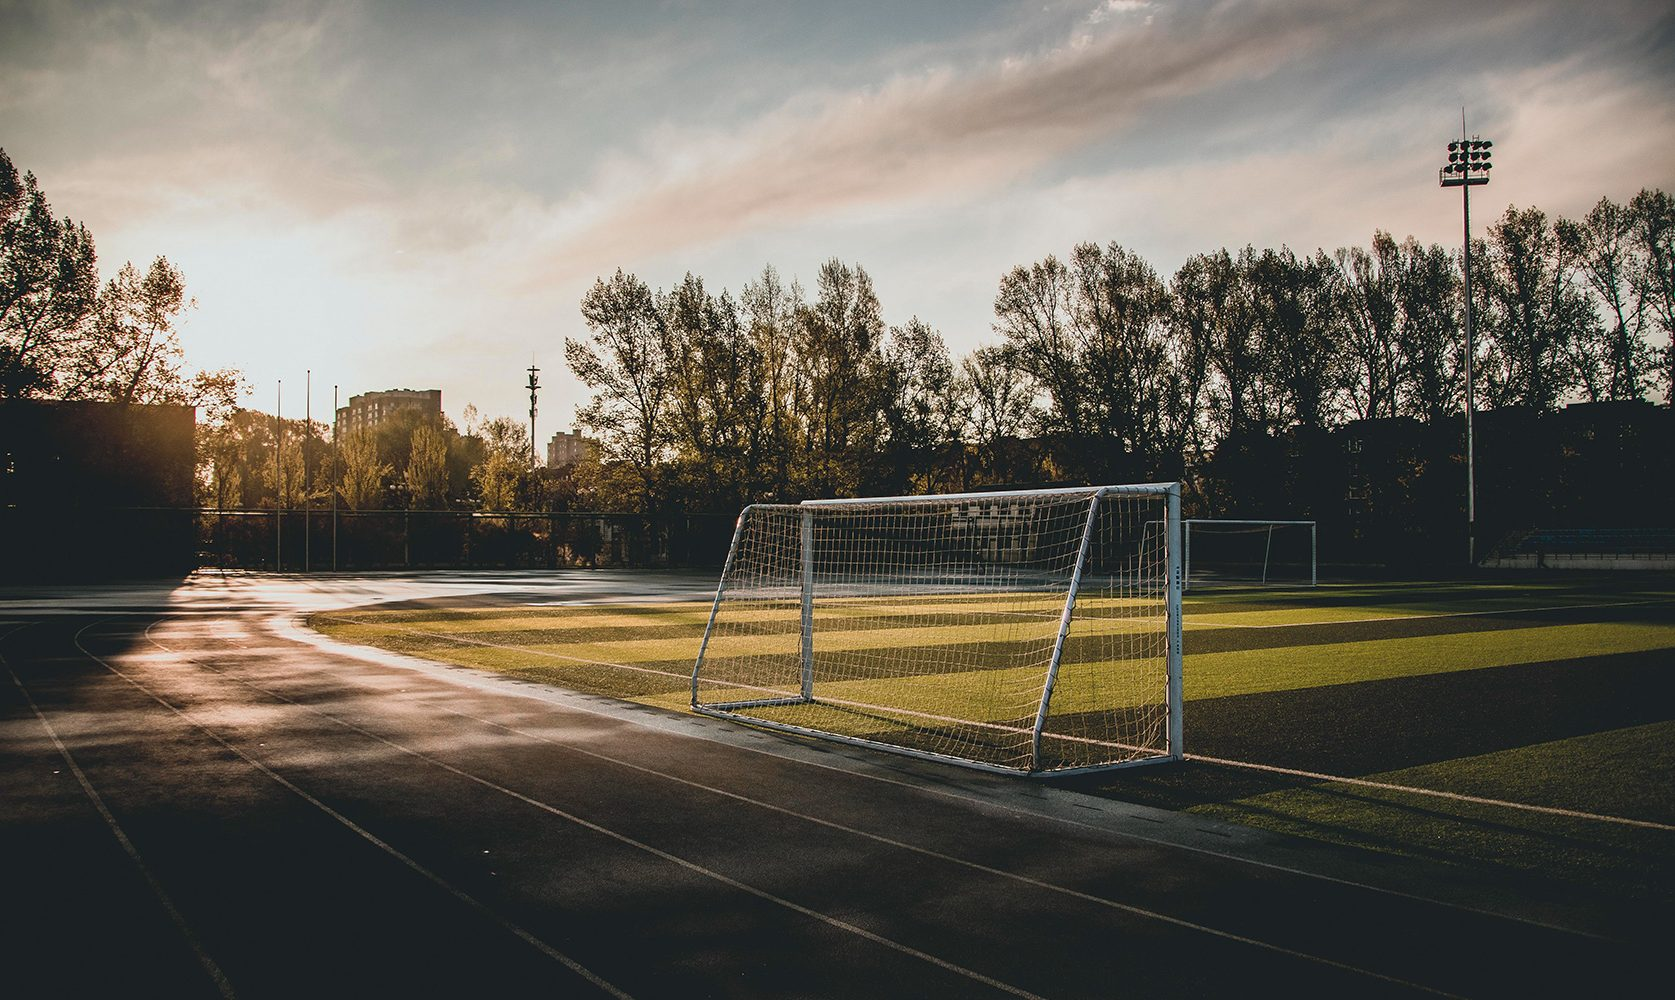 Soccer Goal Sunset